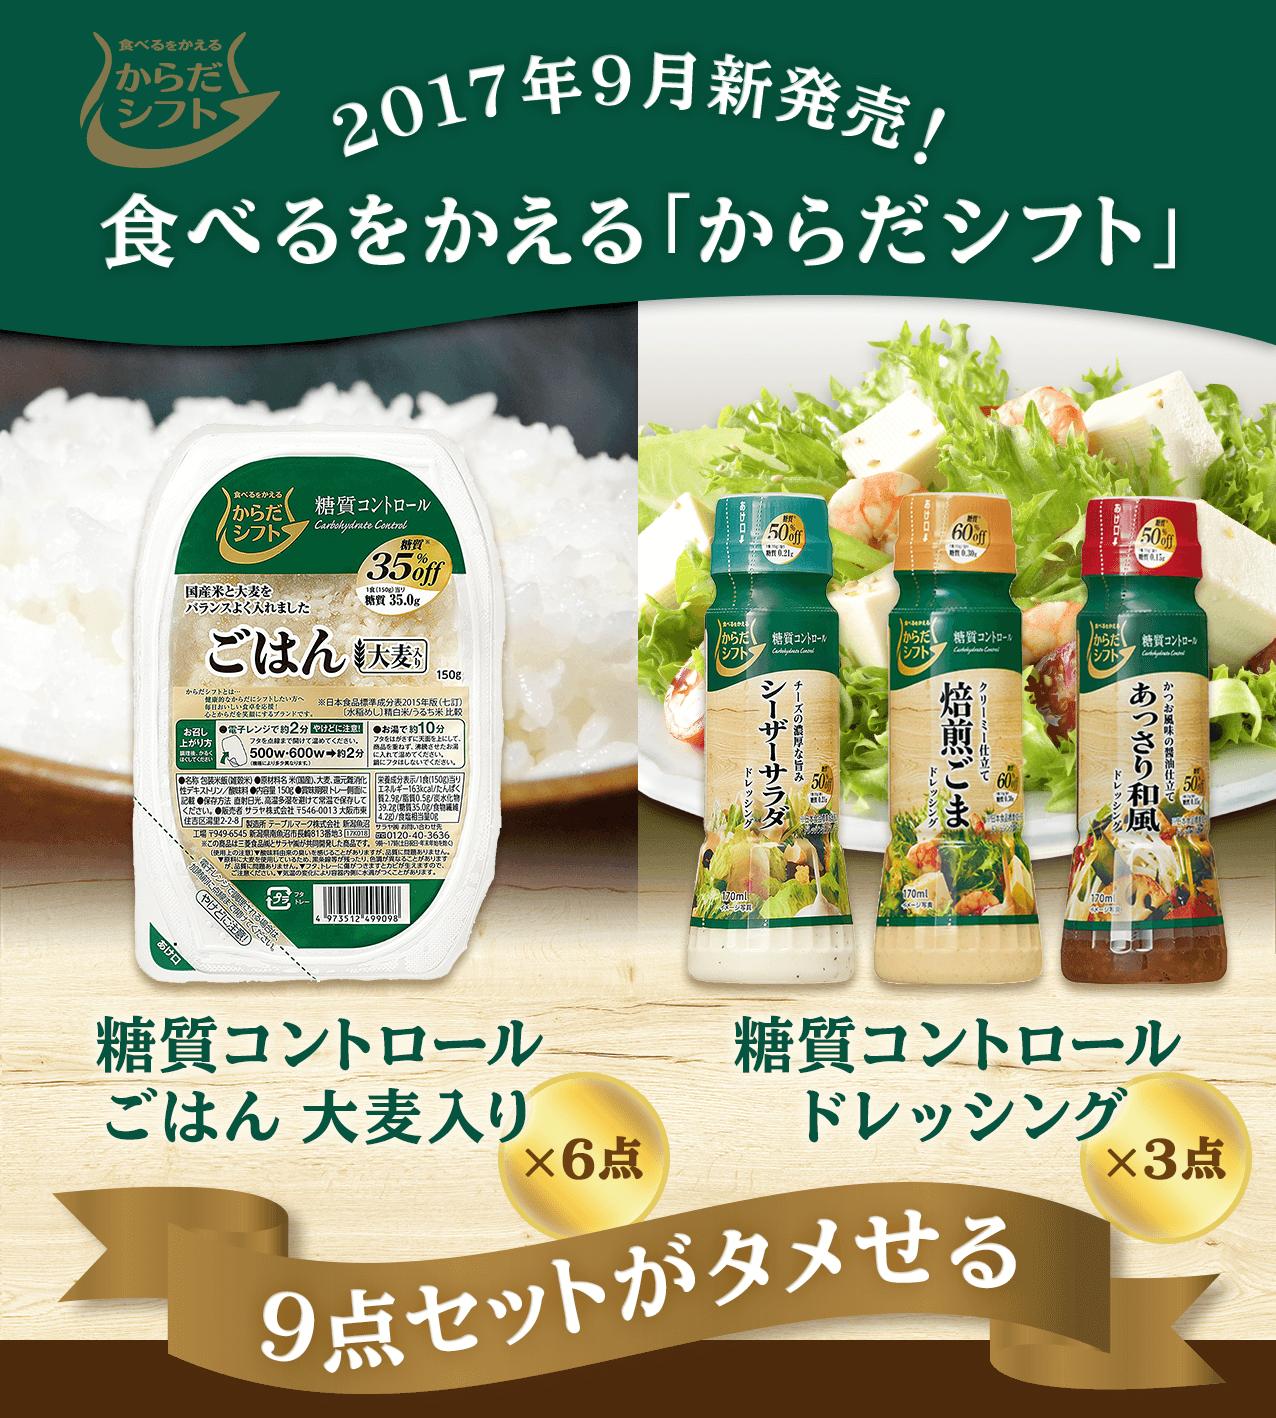 2017年9月新発売! 食べるをかえる「からだシフト」 糖質コントロール ごはん 大麦入り ×6点 糖質コントロール ドレッシング ×3点 9点セットがタメせる